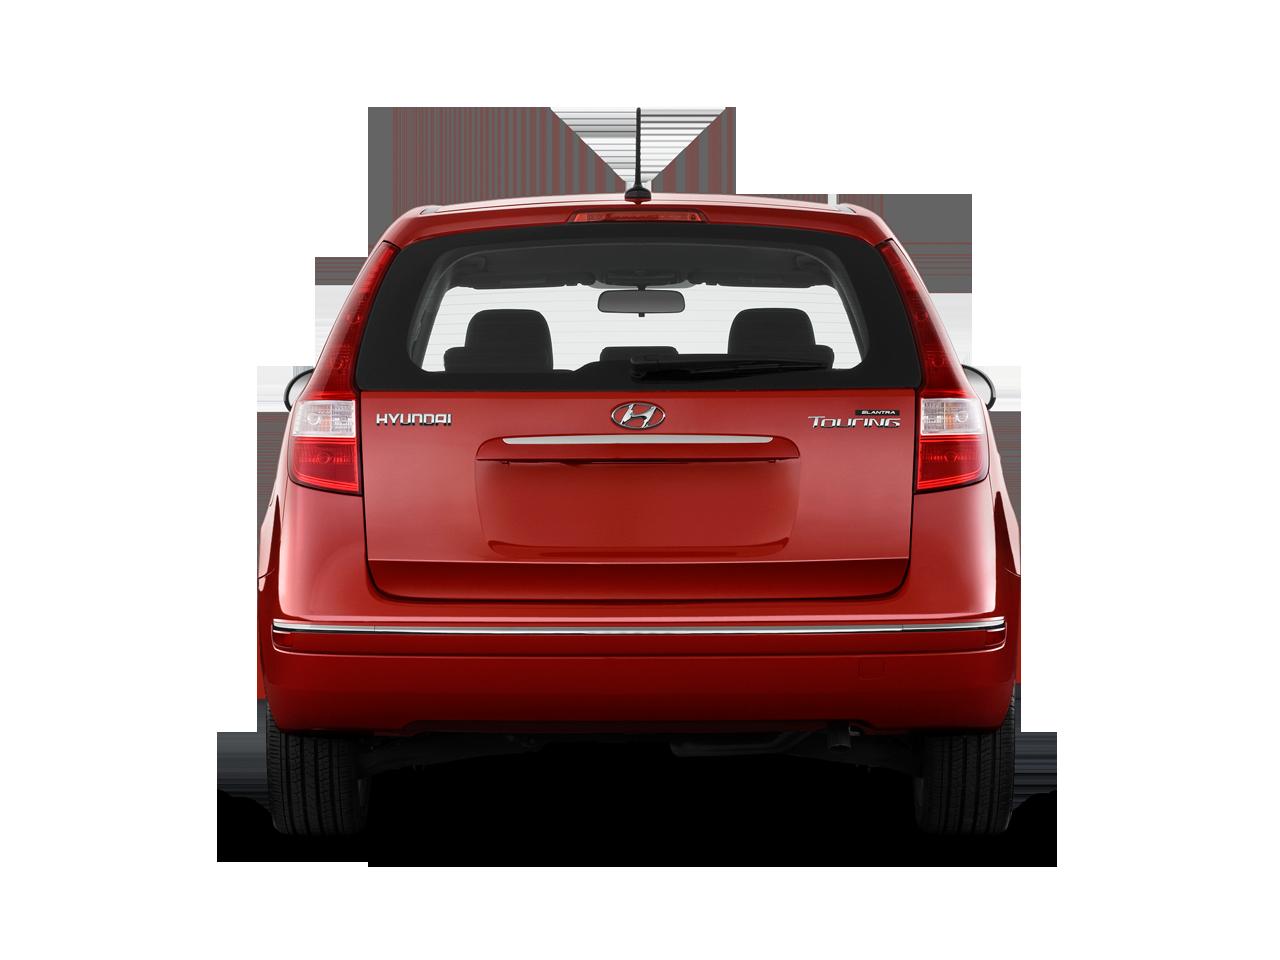 2009 Hyundai Elantra Touring - Hyundai Luxury Wagon Review